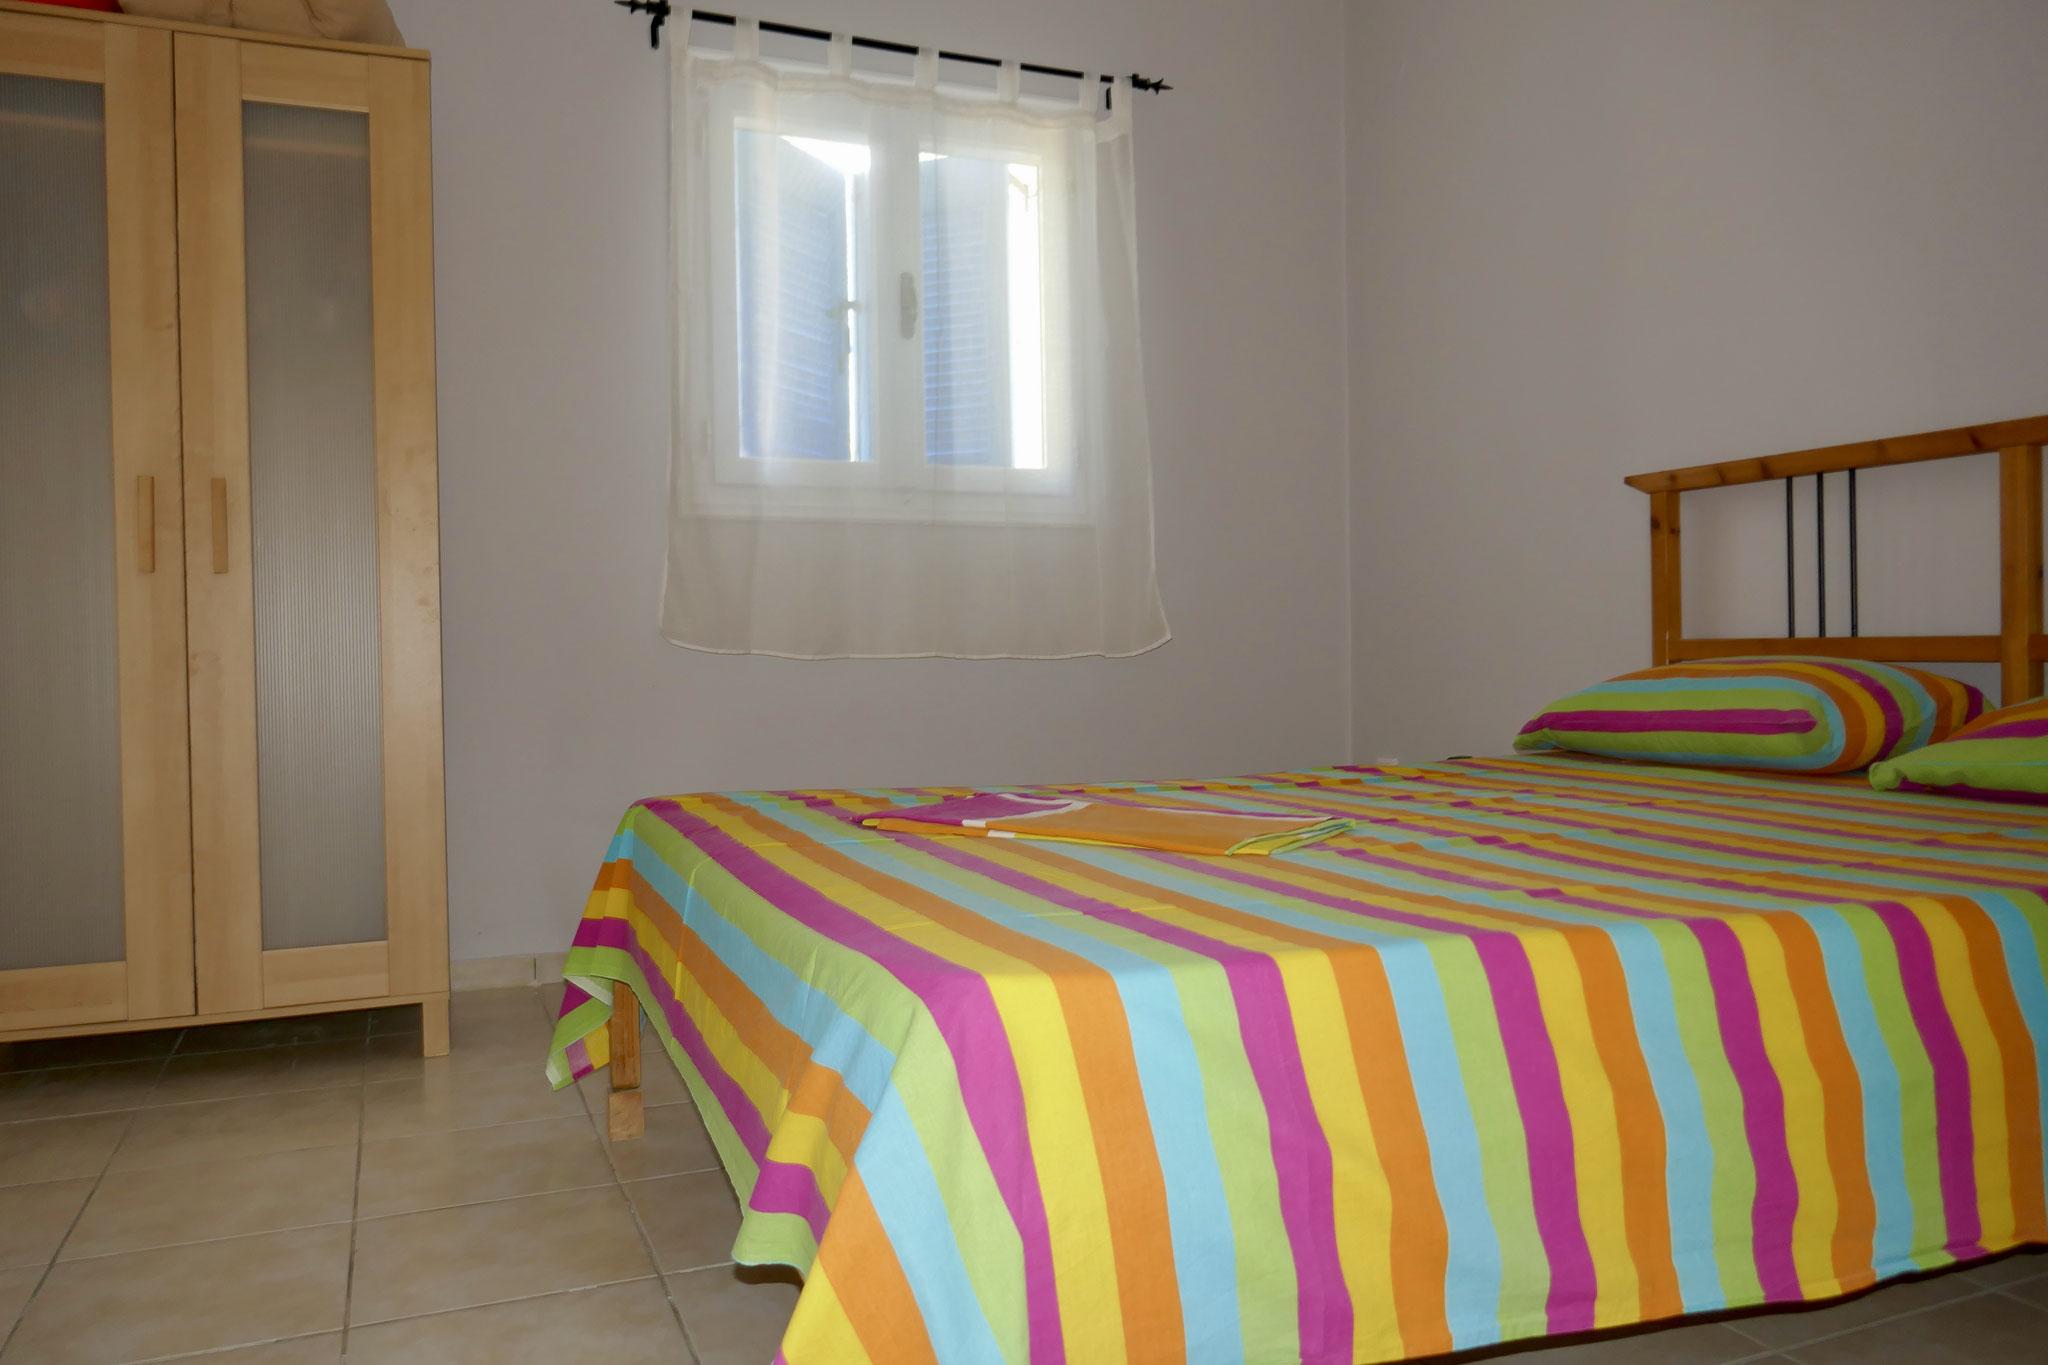 Artemis Schlafzimmer